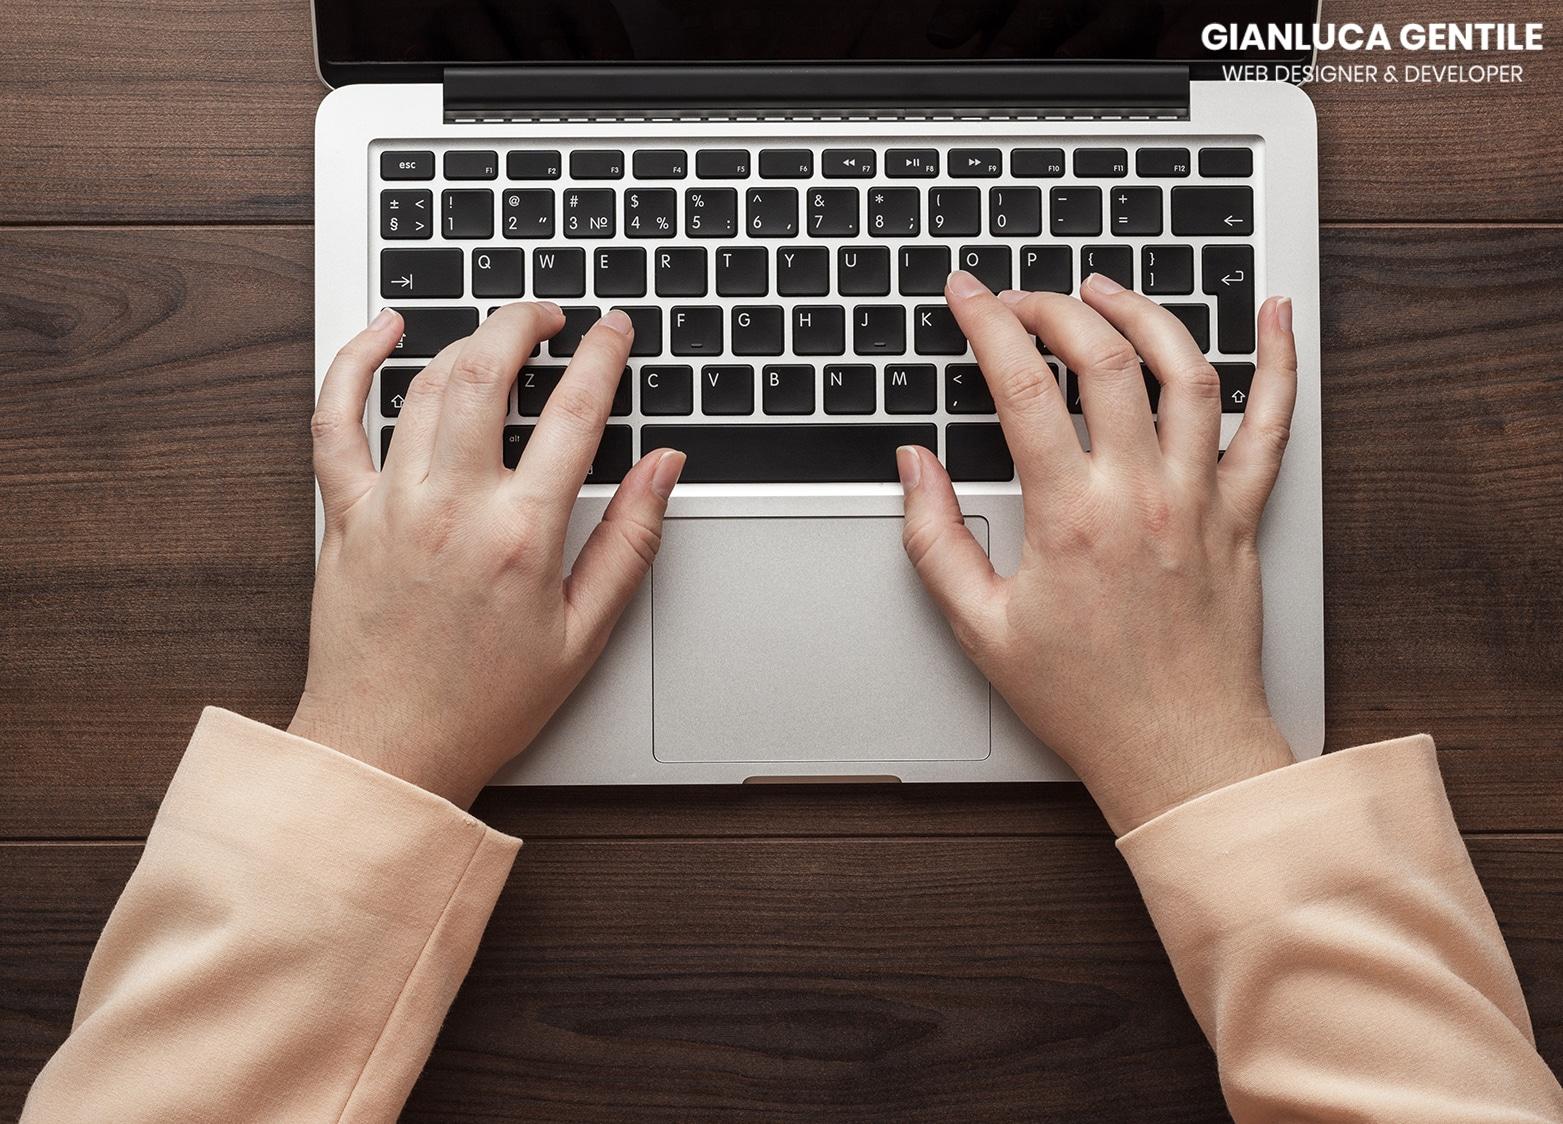 articoli seo - Come scrivere articoli seo e miglioare lindicizzazione - Come scrivere articoli seo e migliorare l'indicizzazione